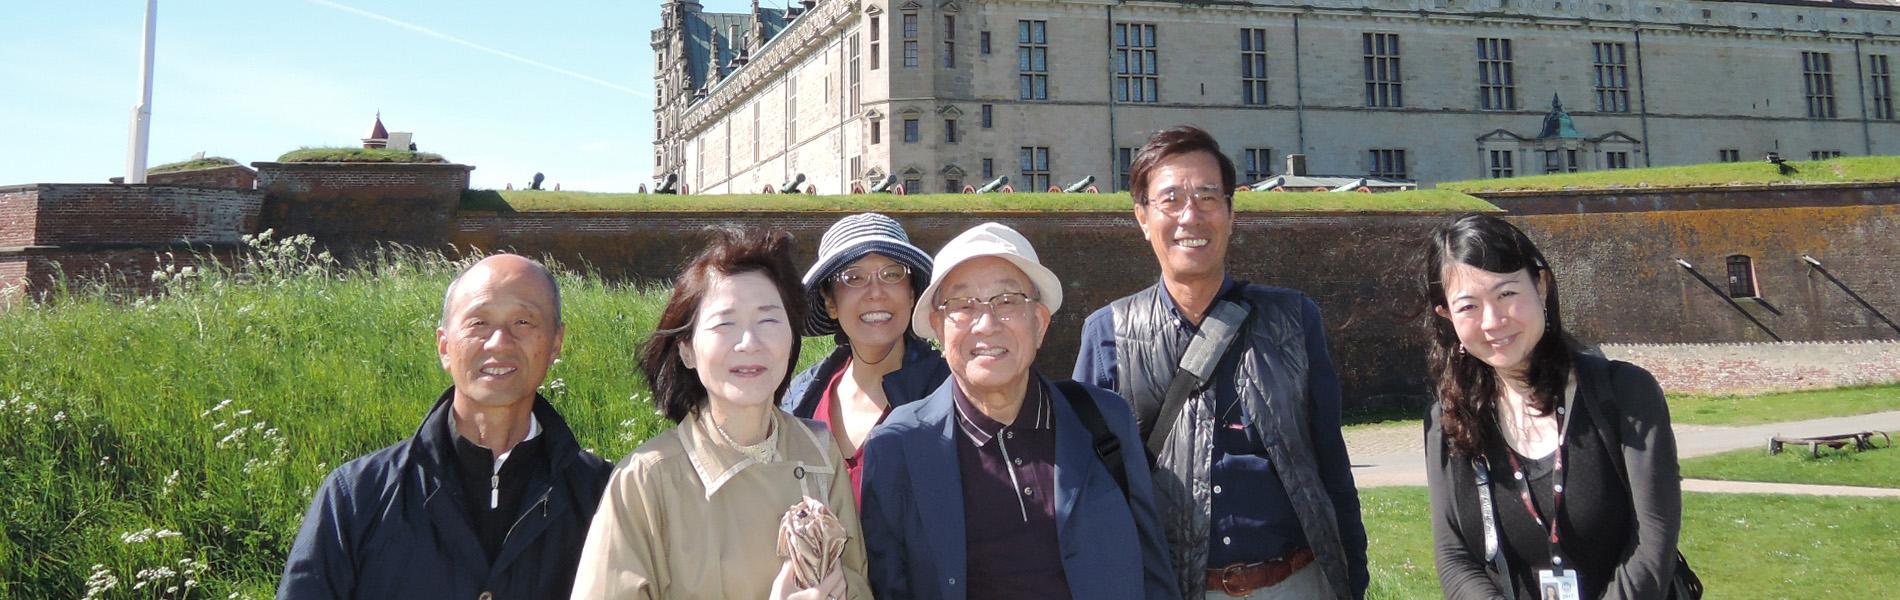 日本人のデンマーク公認 ライセンスガイドが、 お客様だけの特別な旅をサポート